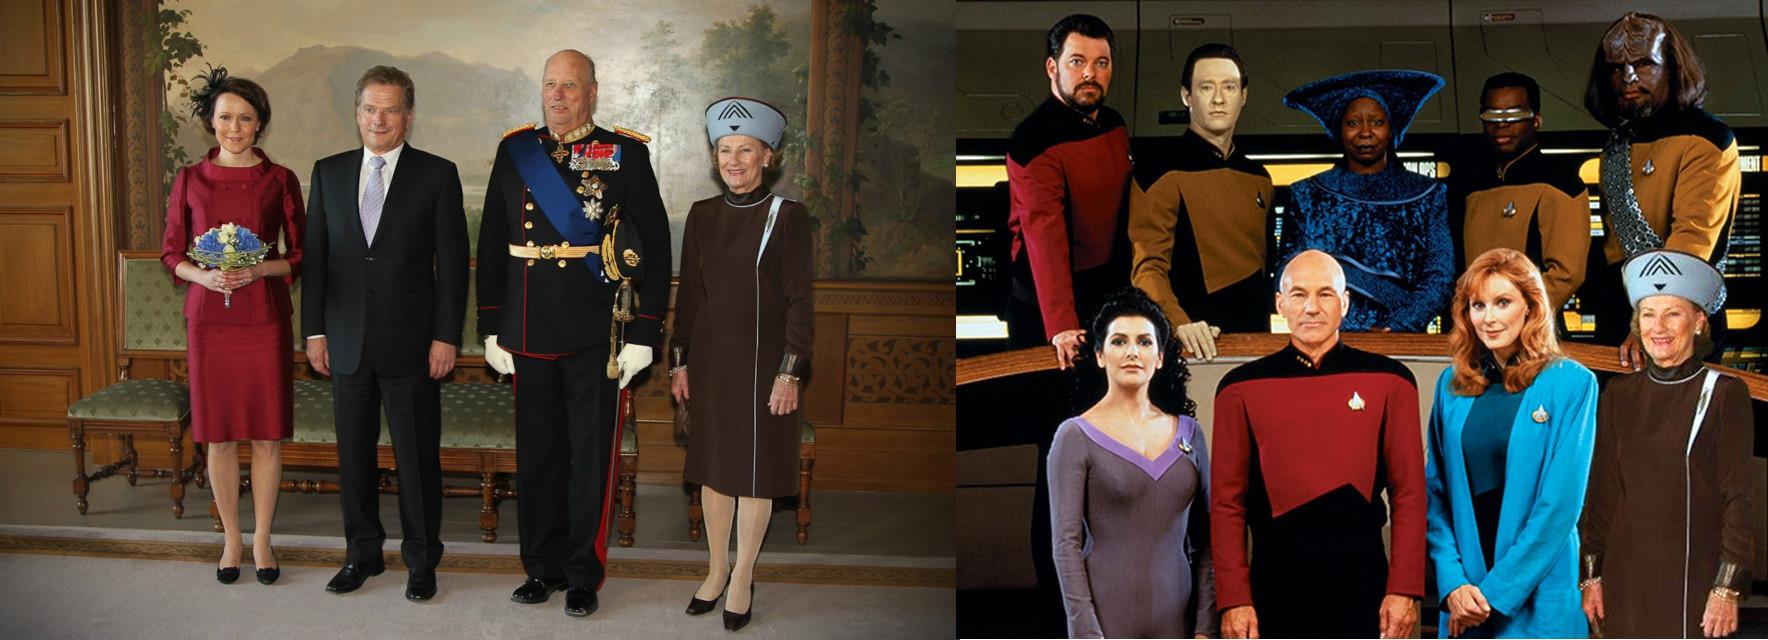 en bild med finska presidentparet och norska kungaparet och en annan bild med drottningen inklippt i en bild på besättningen från Star Trek The next generation